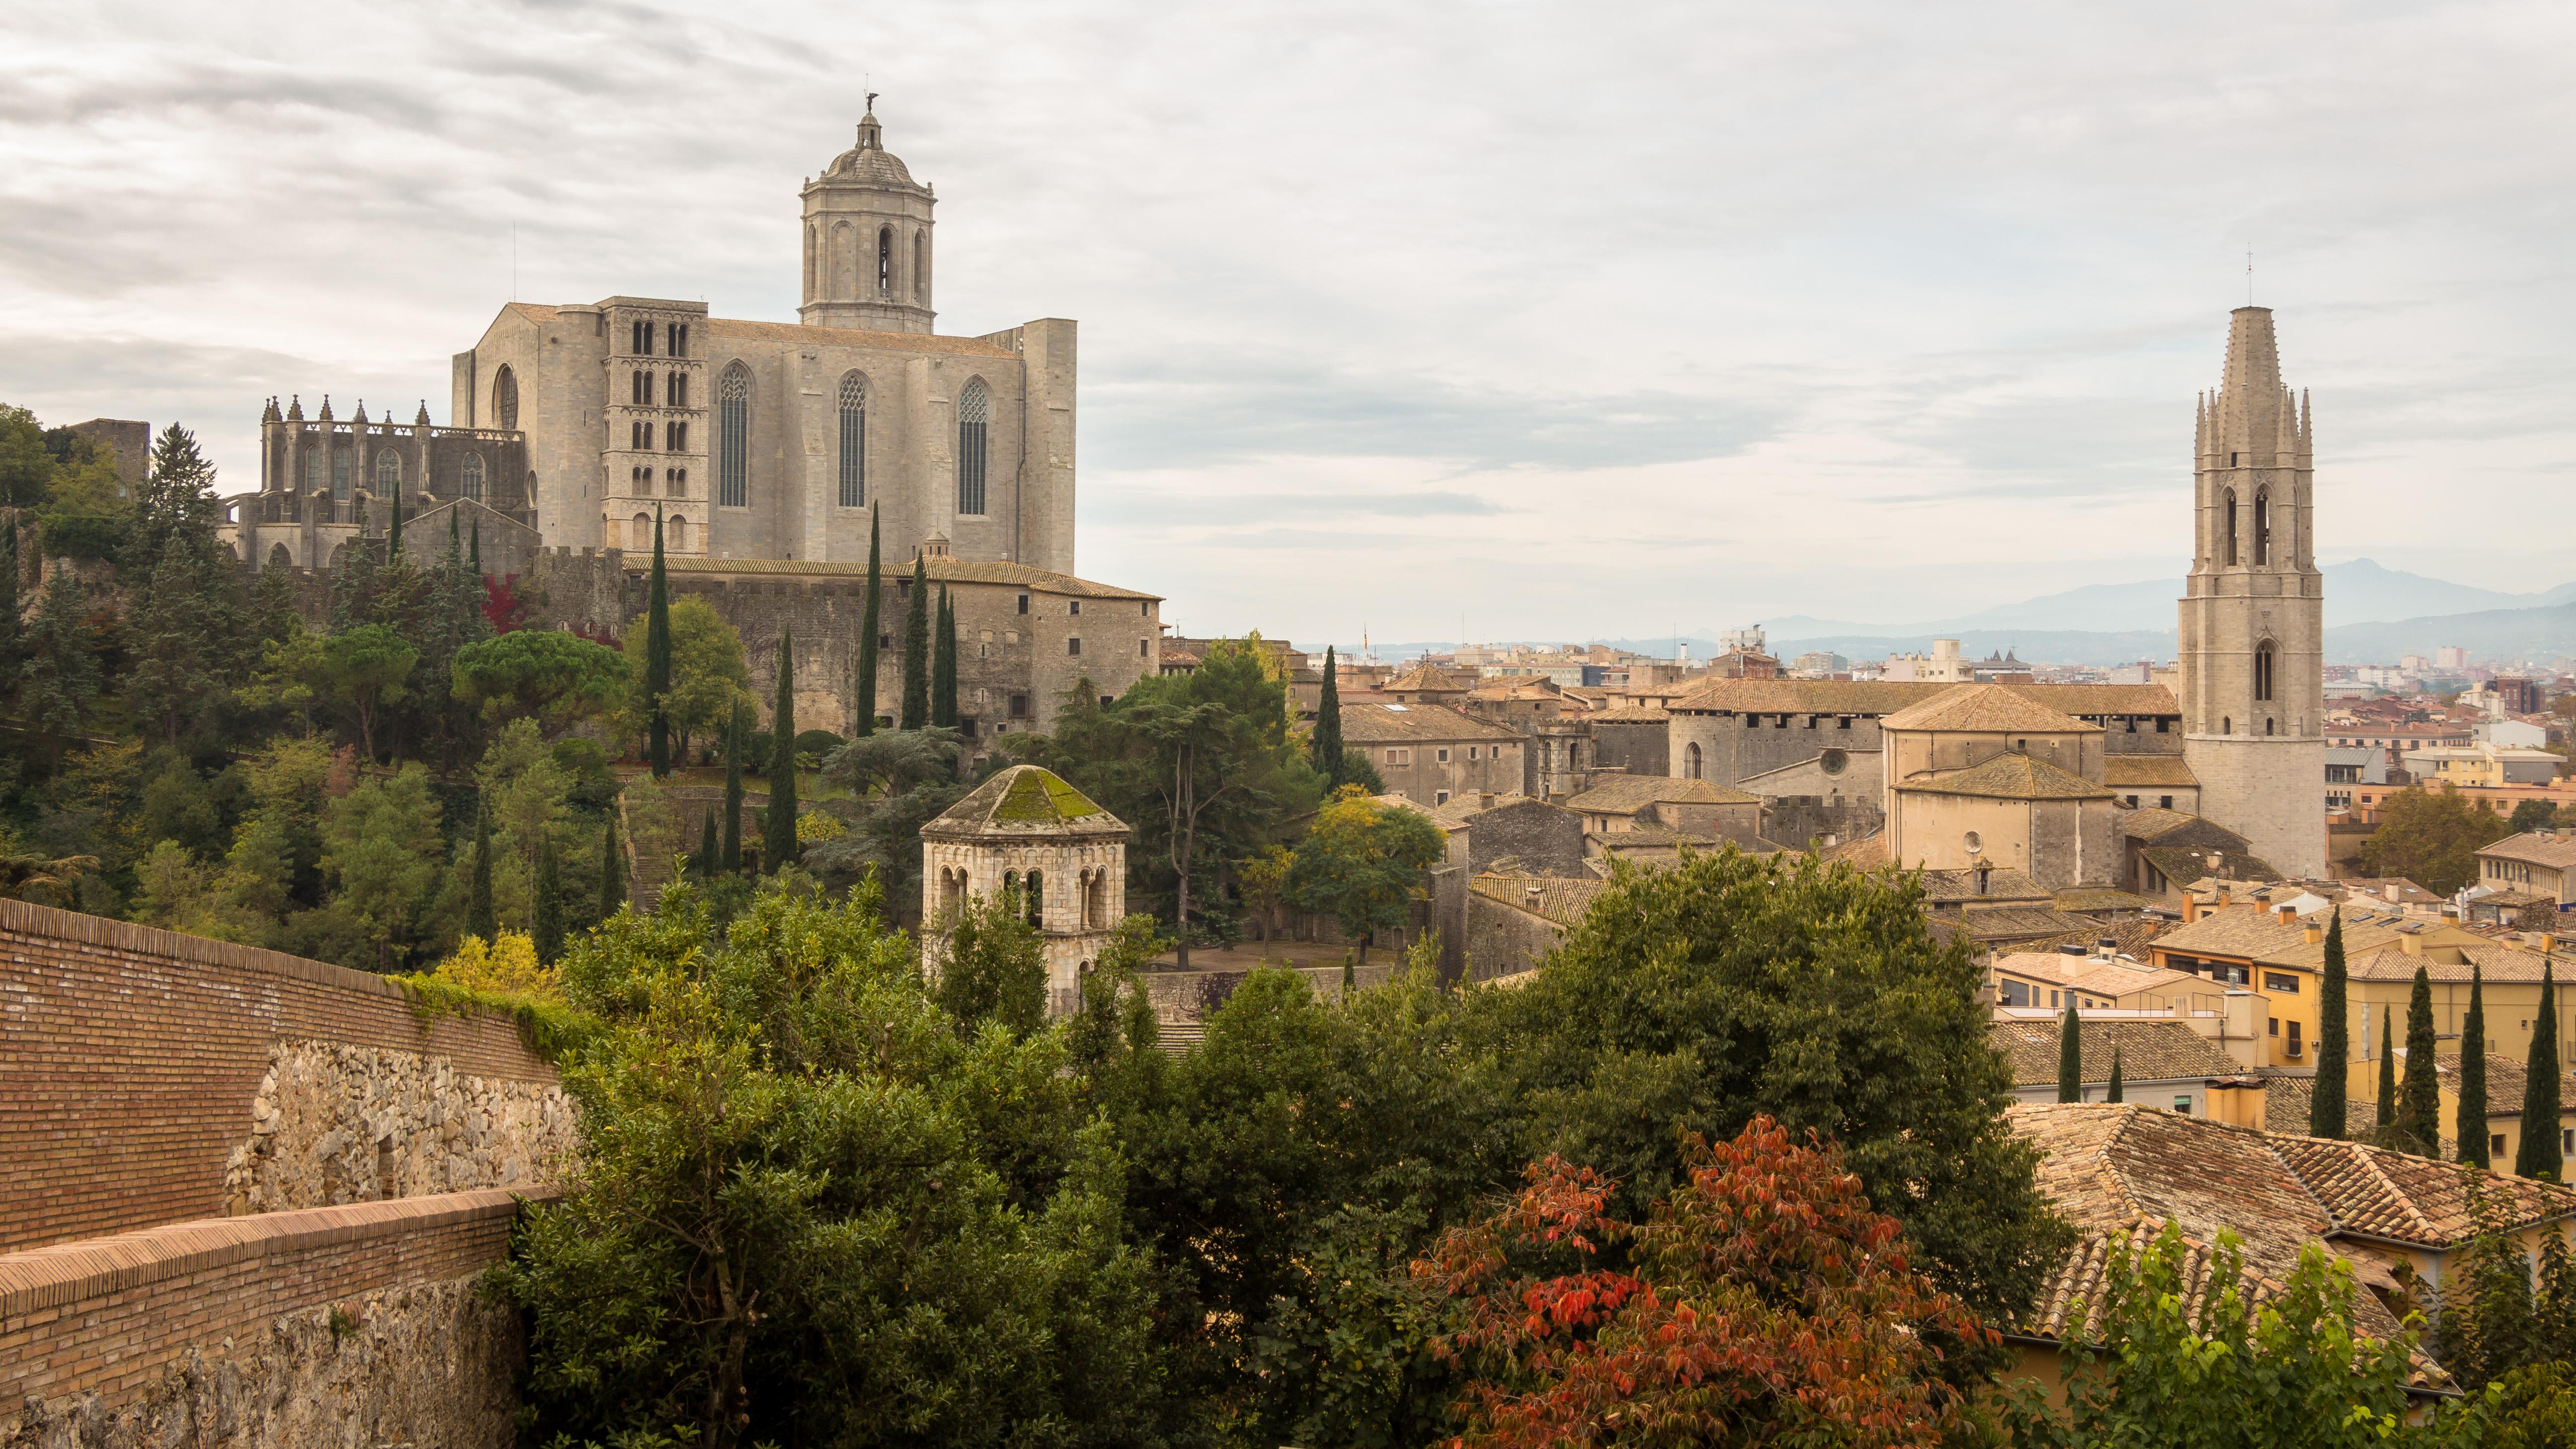 File Girona Catedral De Girona 13 2016 11 13 Jpg Wikimedia Commons